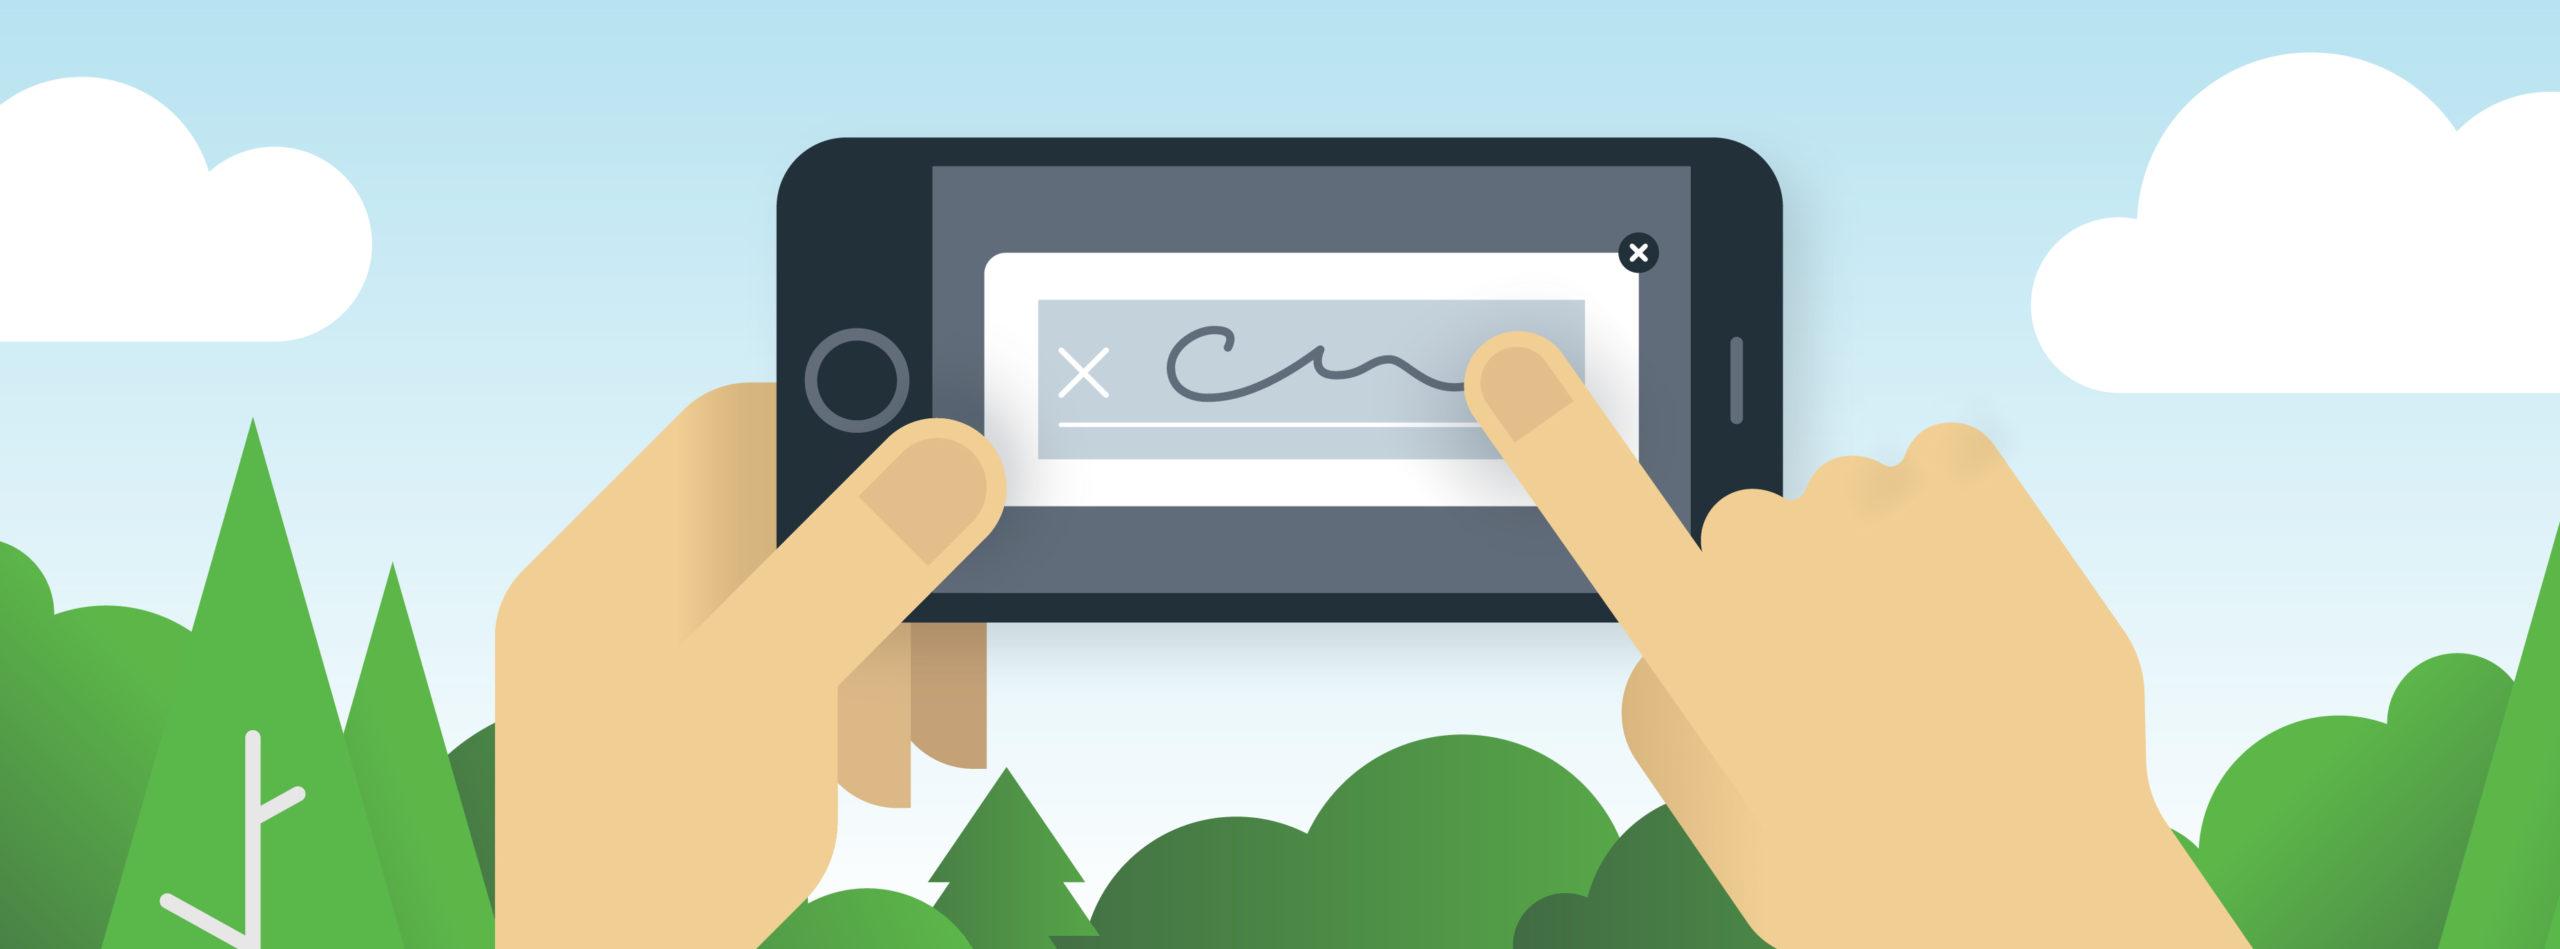 Per què hi ha empreses que desconfien de la signatura remota?